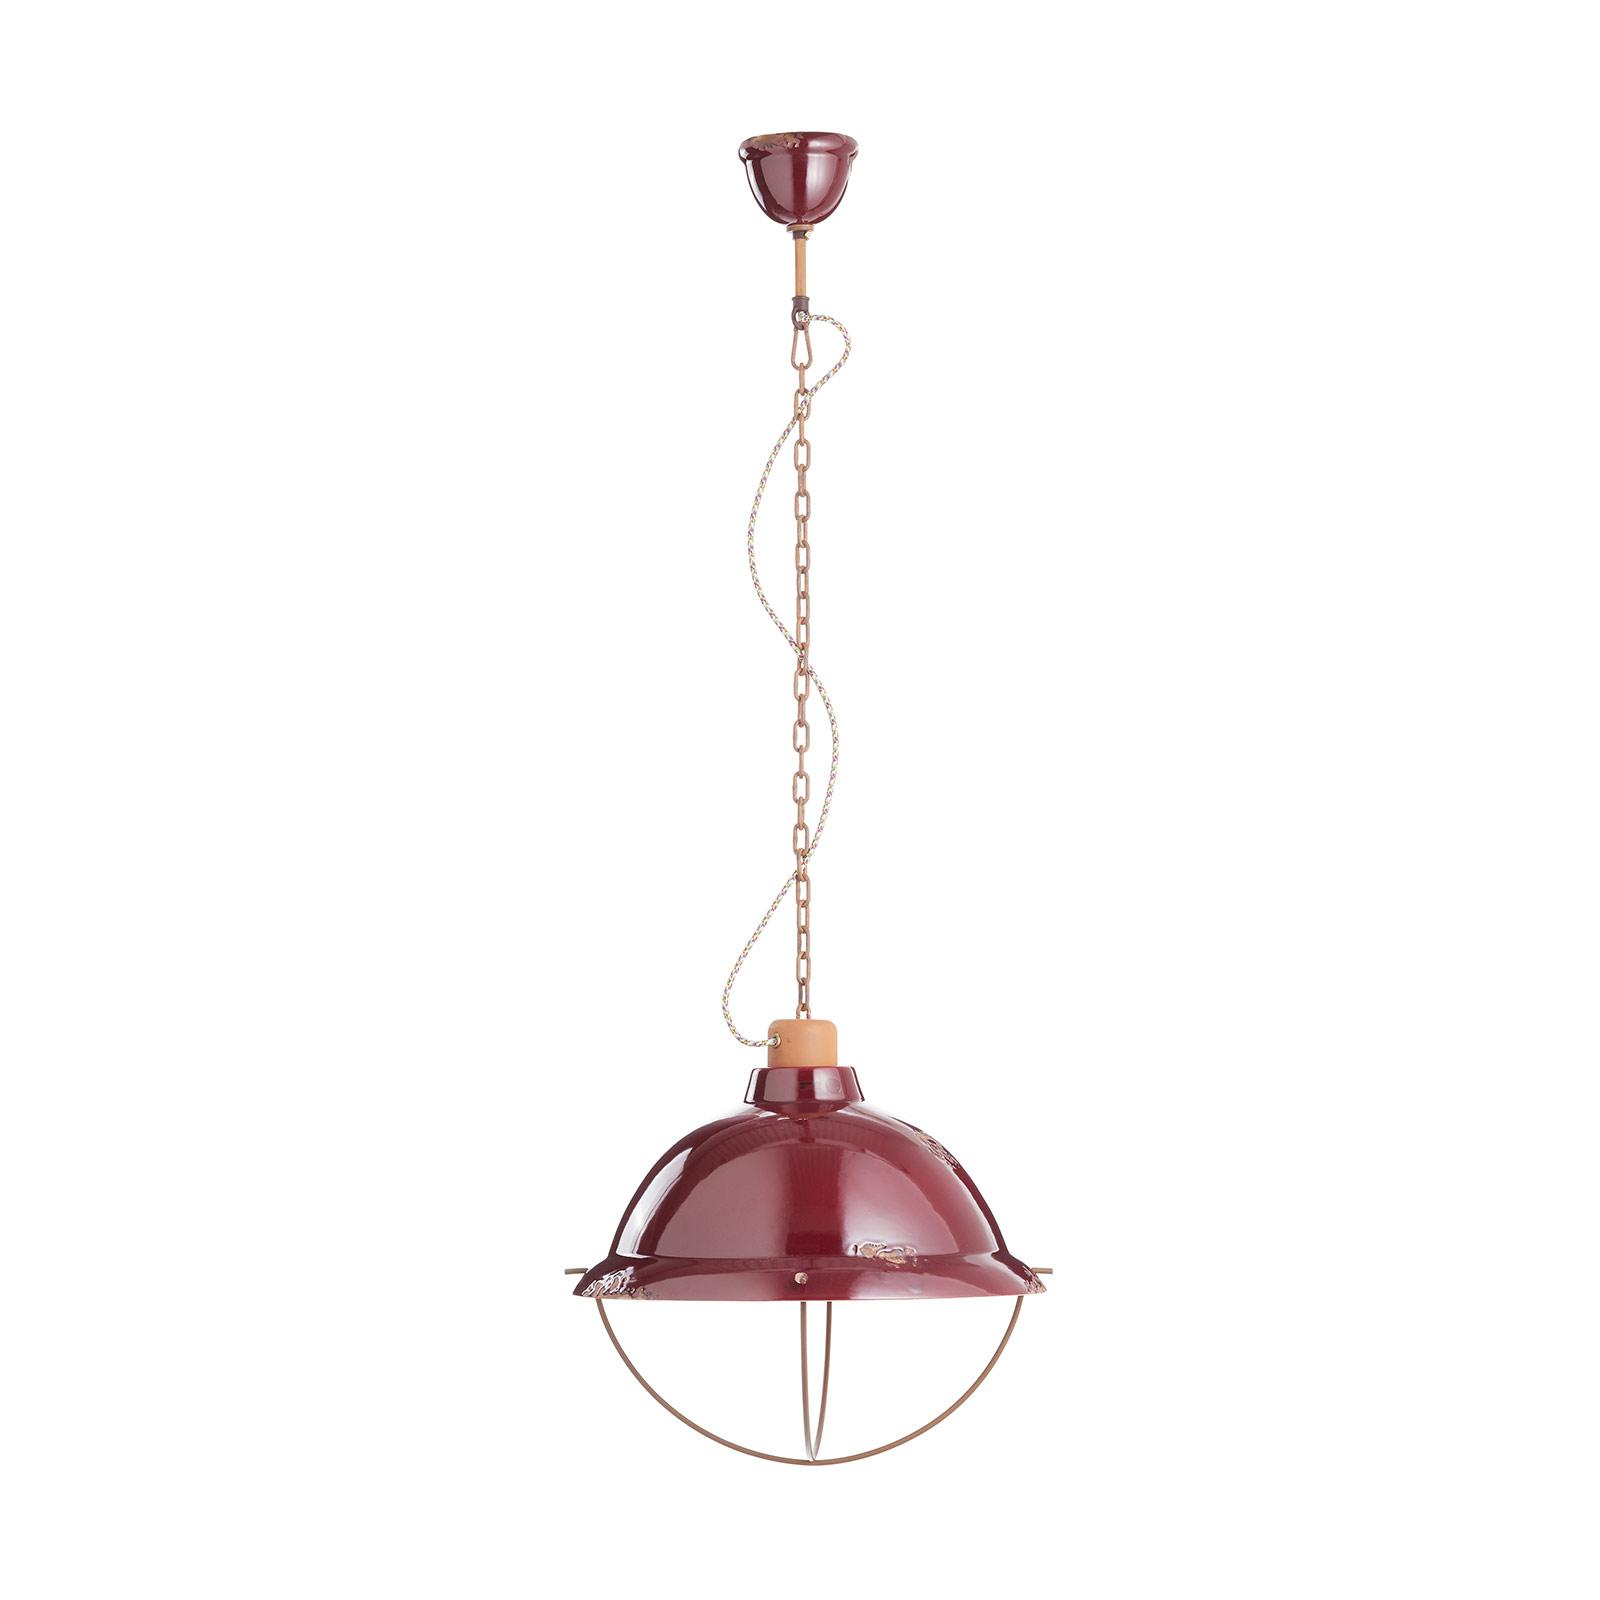 Lampa wisząca C1680 z ceramiki, bordowa